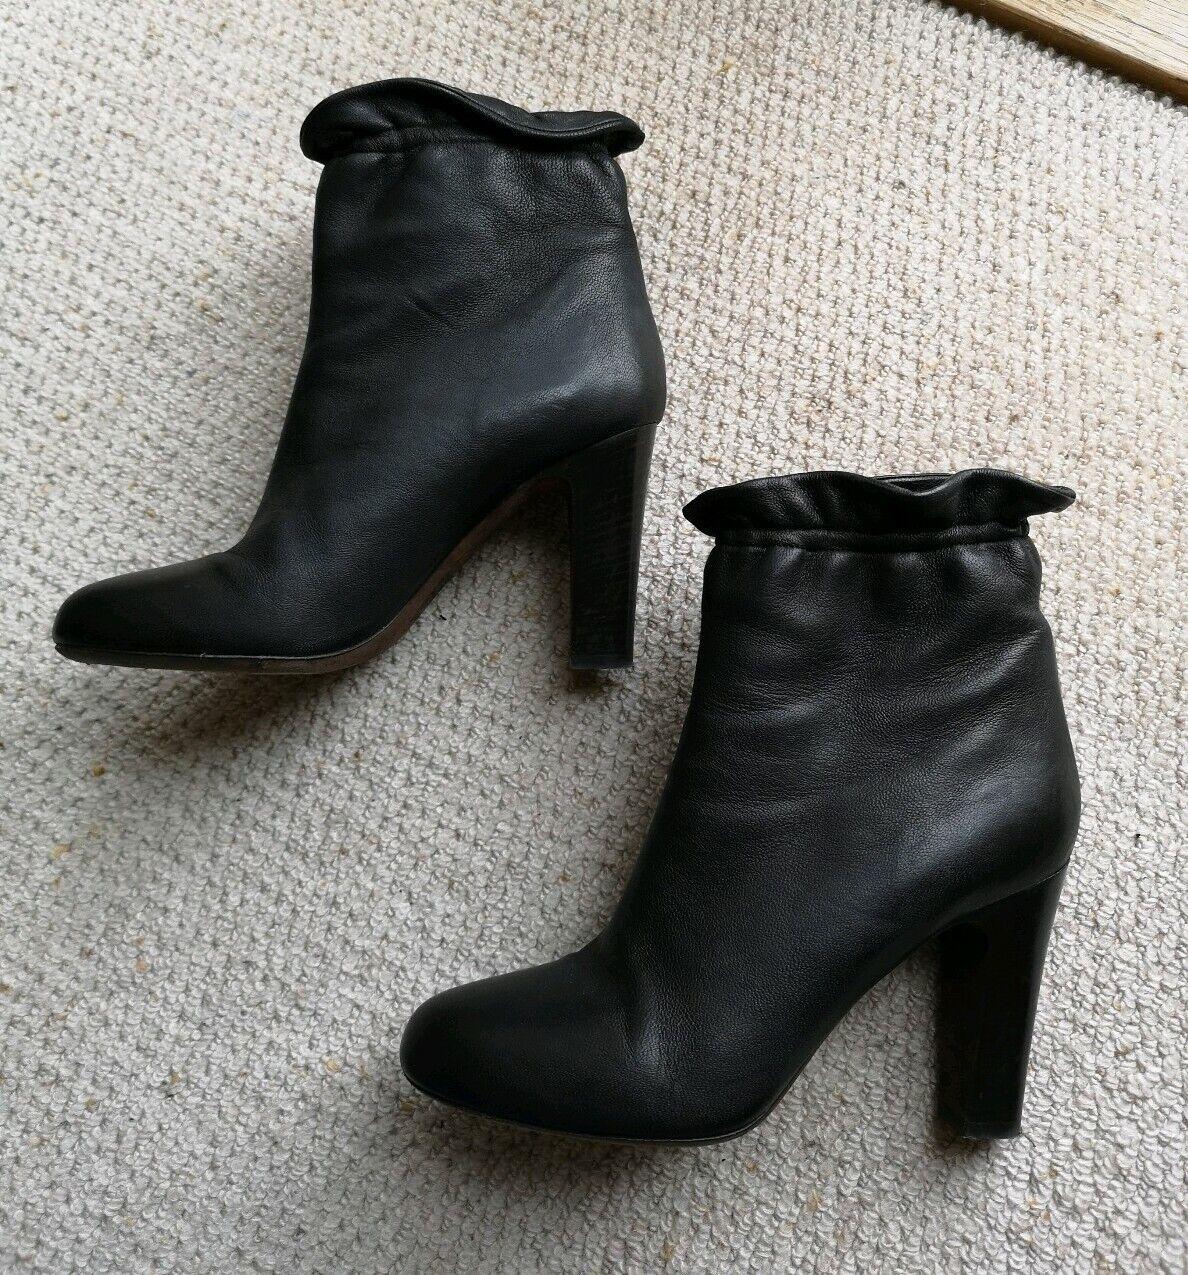 Dkny mujer Karan Tacón Alto botas-Cuero Marrón Oscuro-Reino Unido 5 - 6 8 EE. UU.